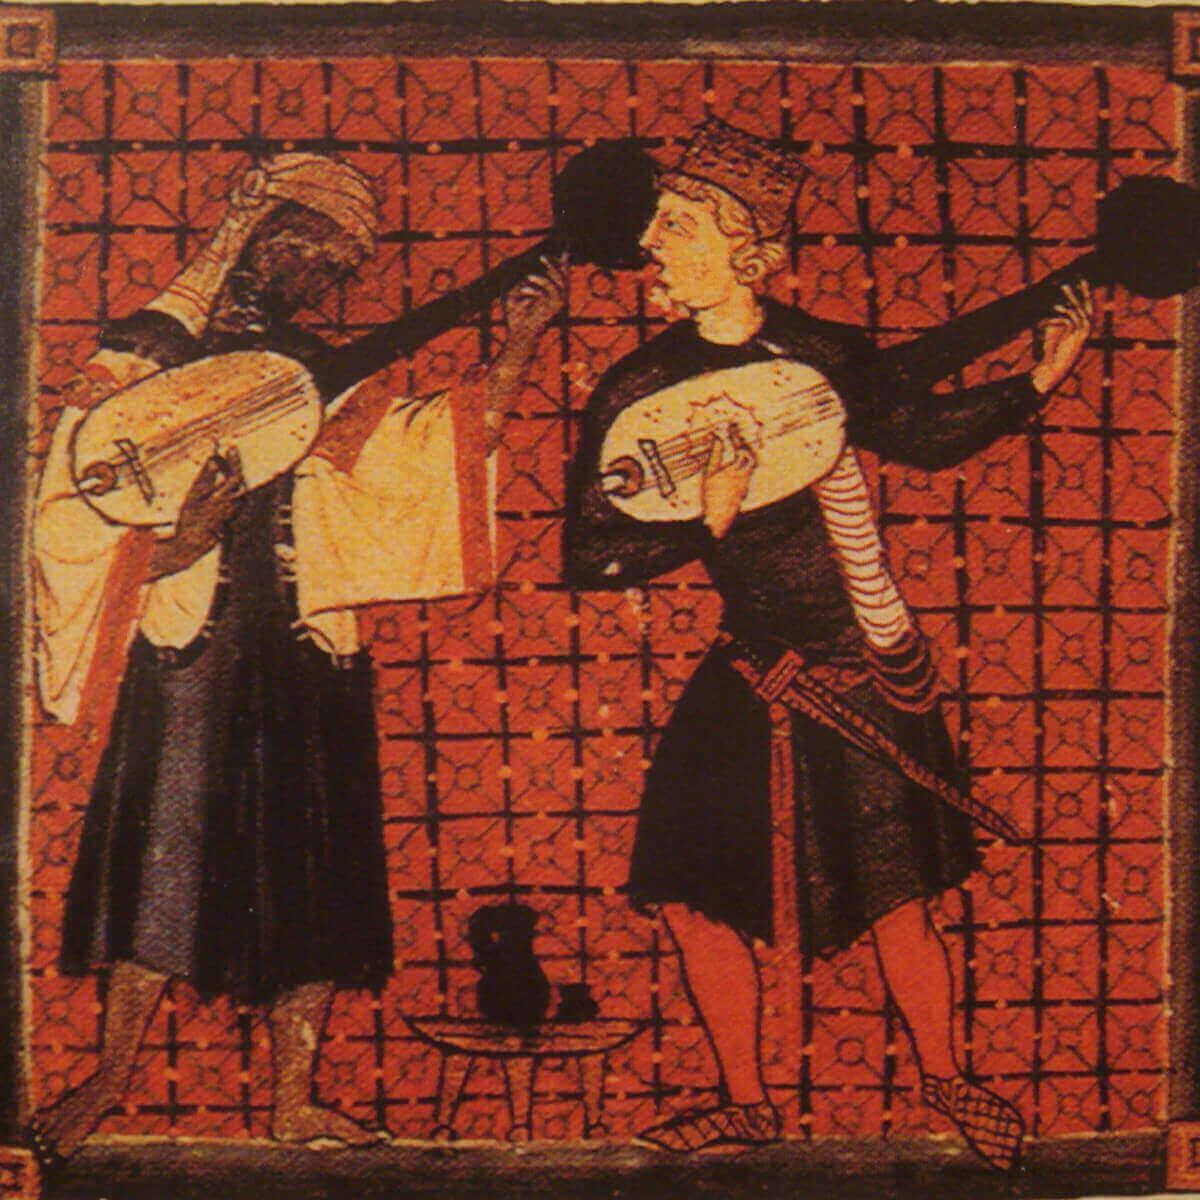 A Música Medieval